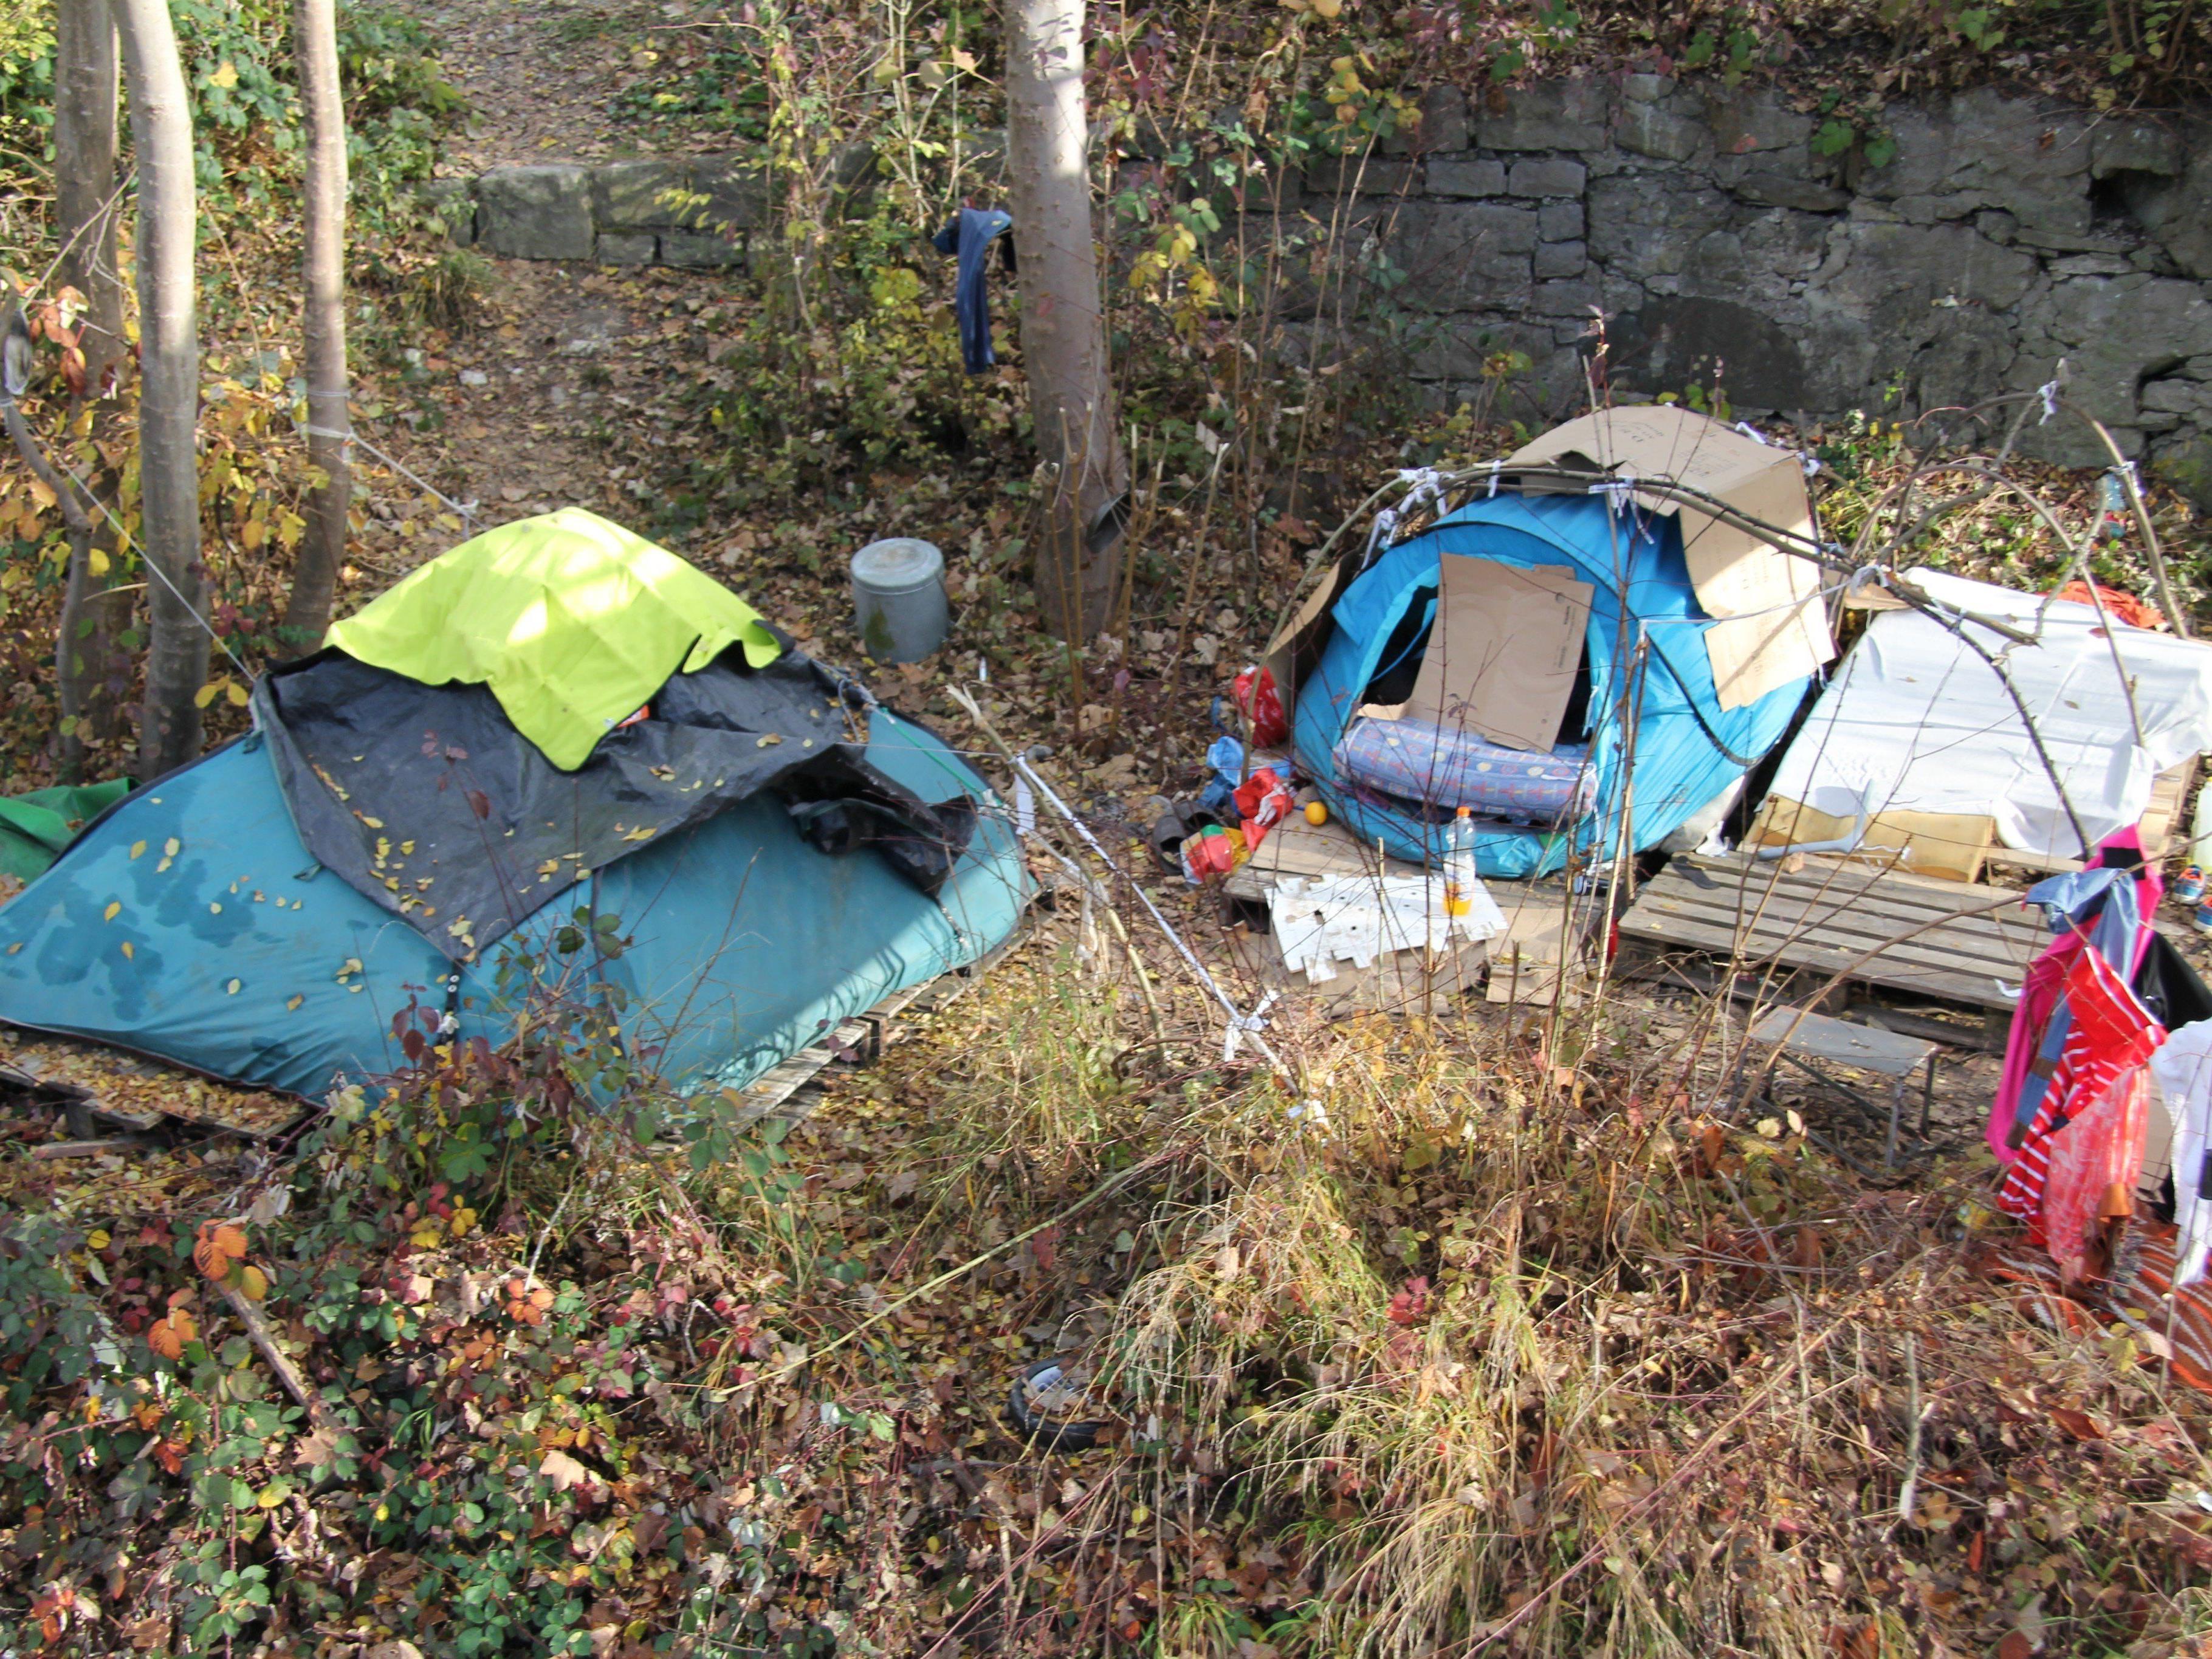 Stadt Dornbirn: Beschwerden über illegales Campieren etwa in den Achauen häuften sich.